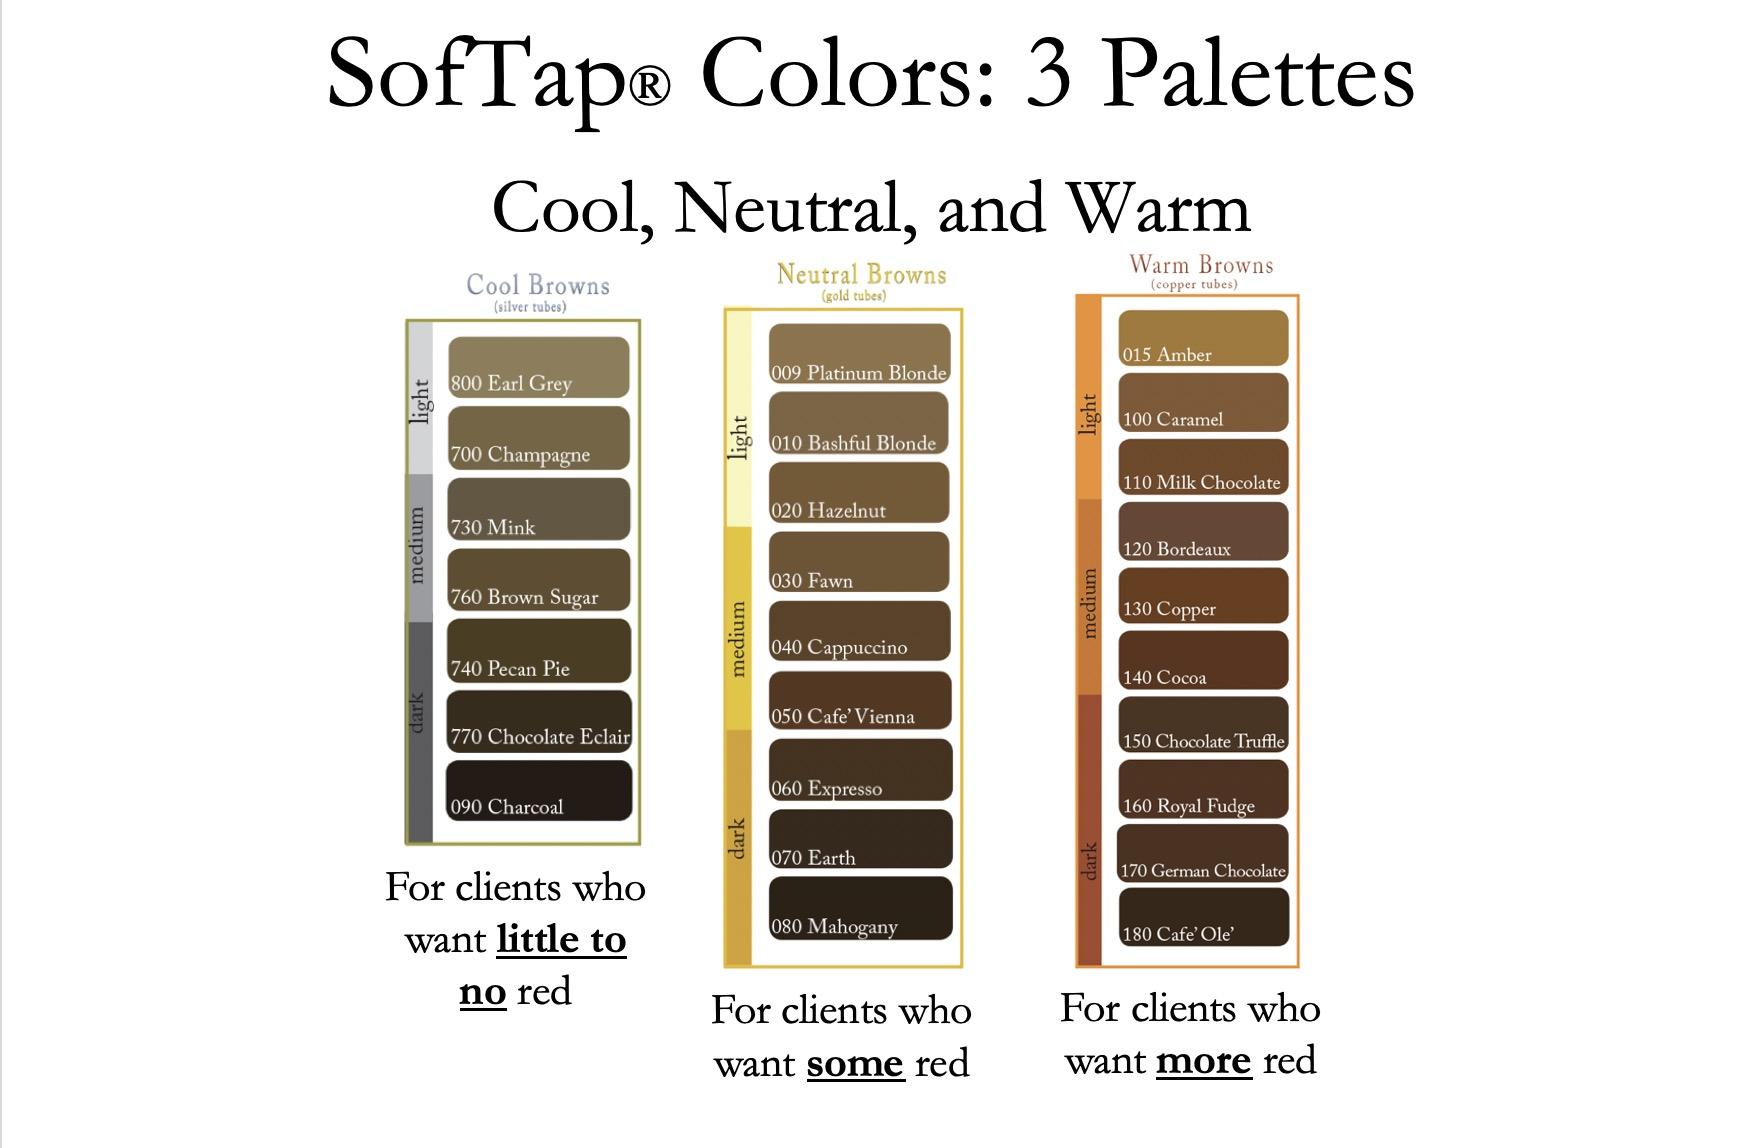 softap colors 3 palettes